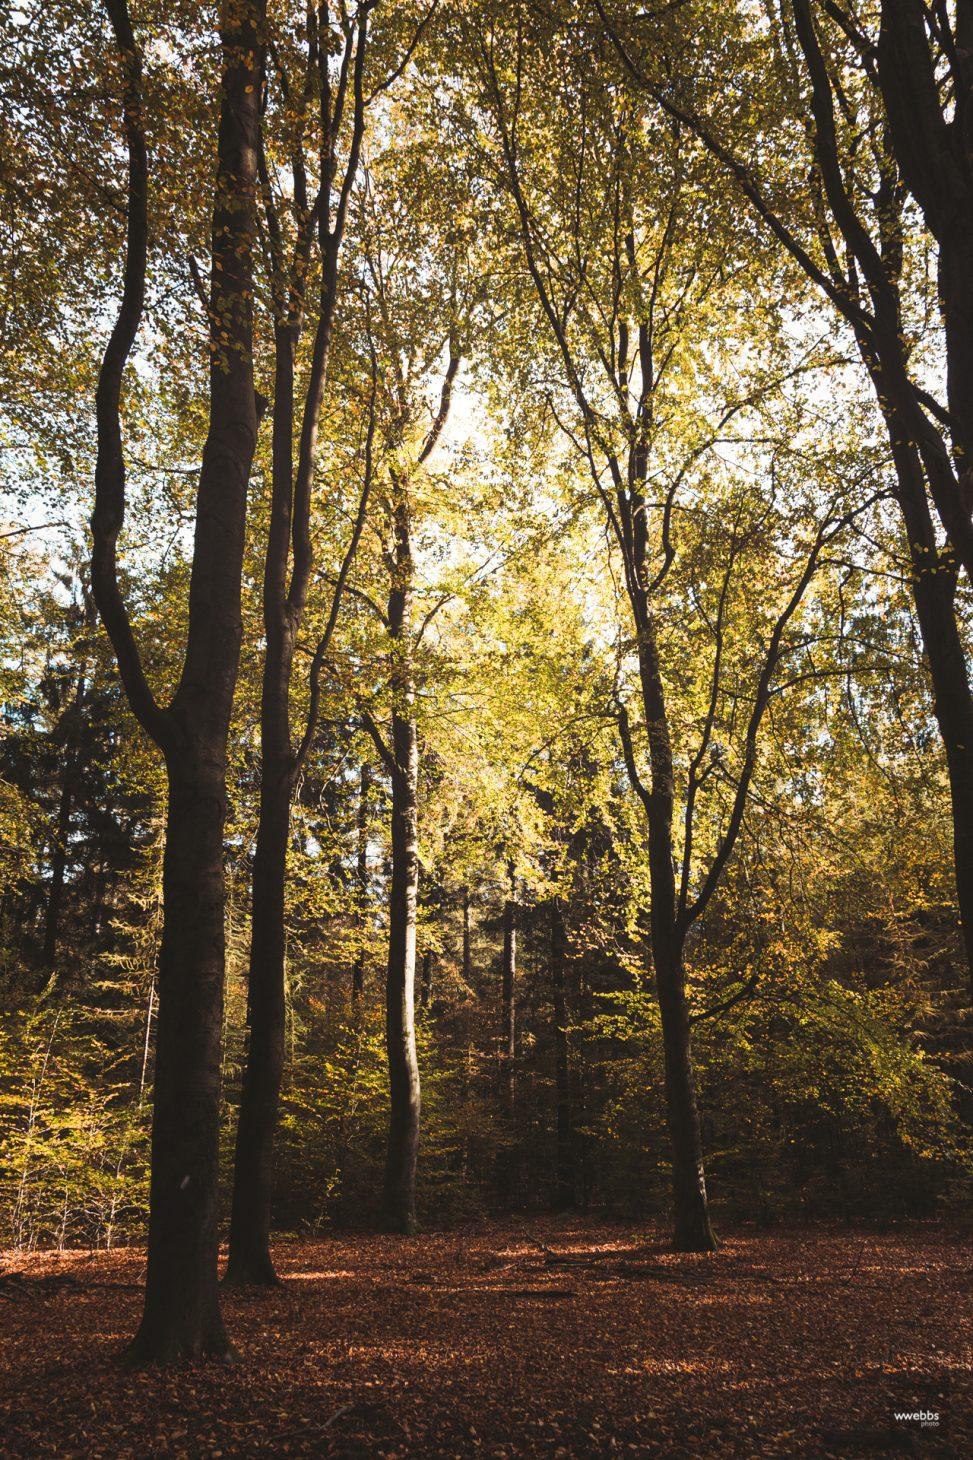 Autumn Light - Series - 01